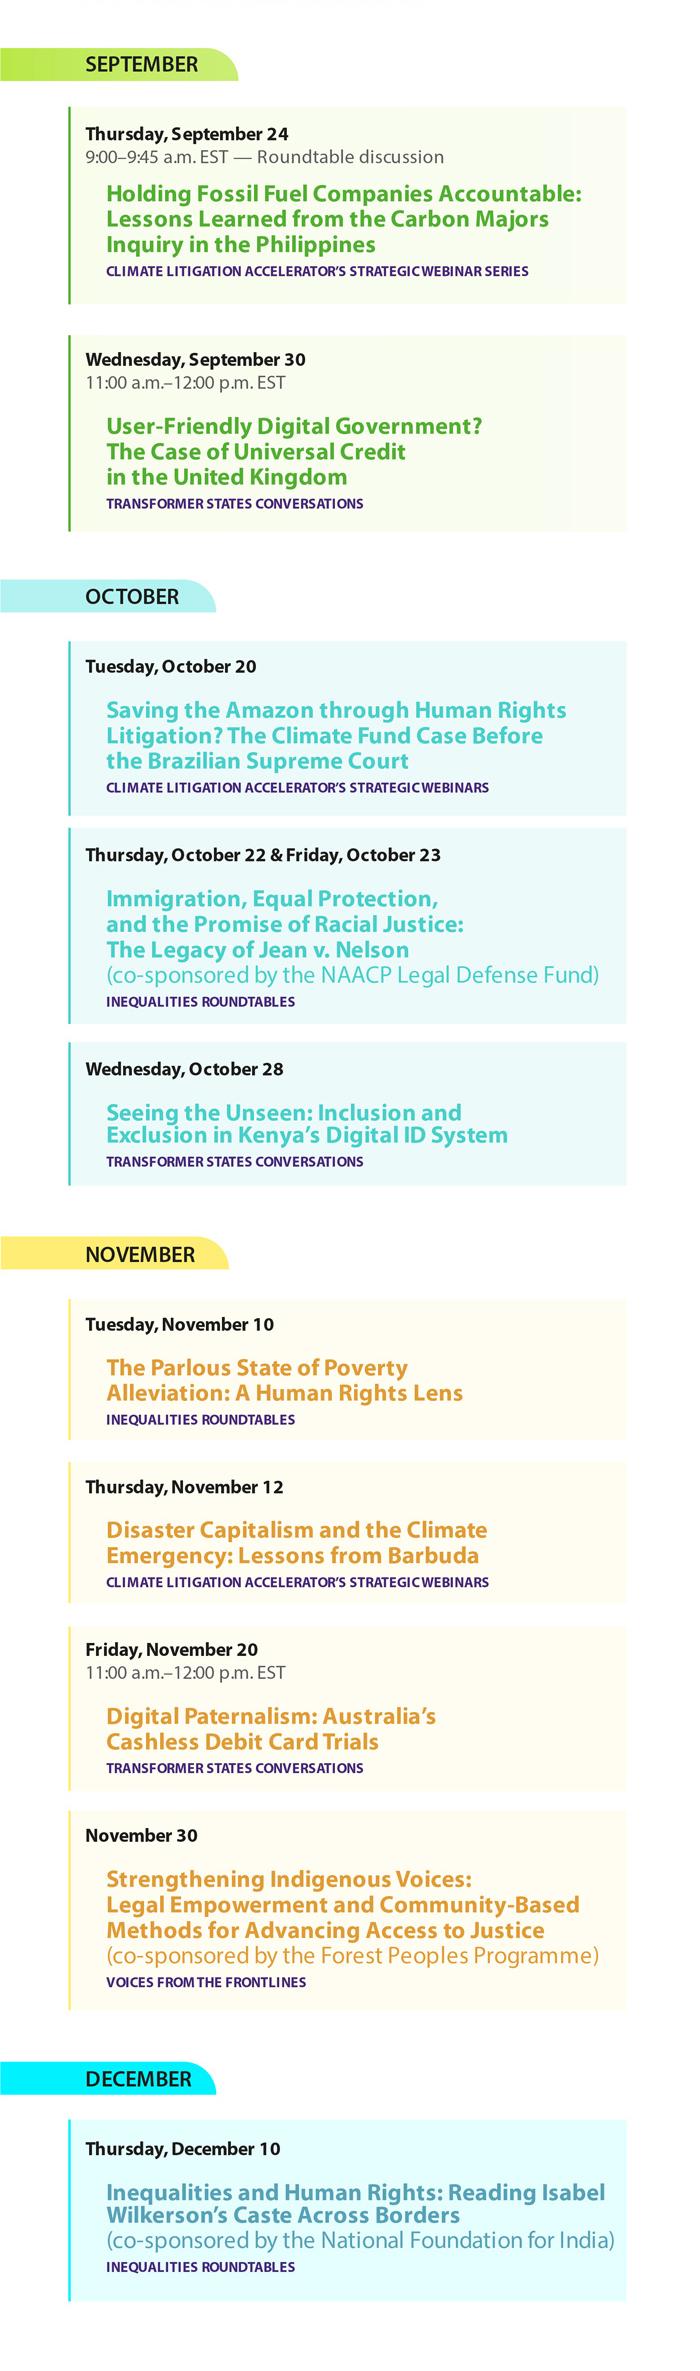 fall 2020 event schedule